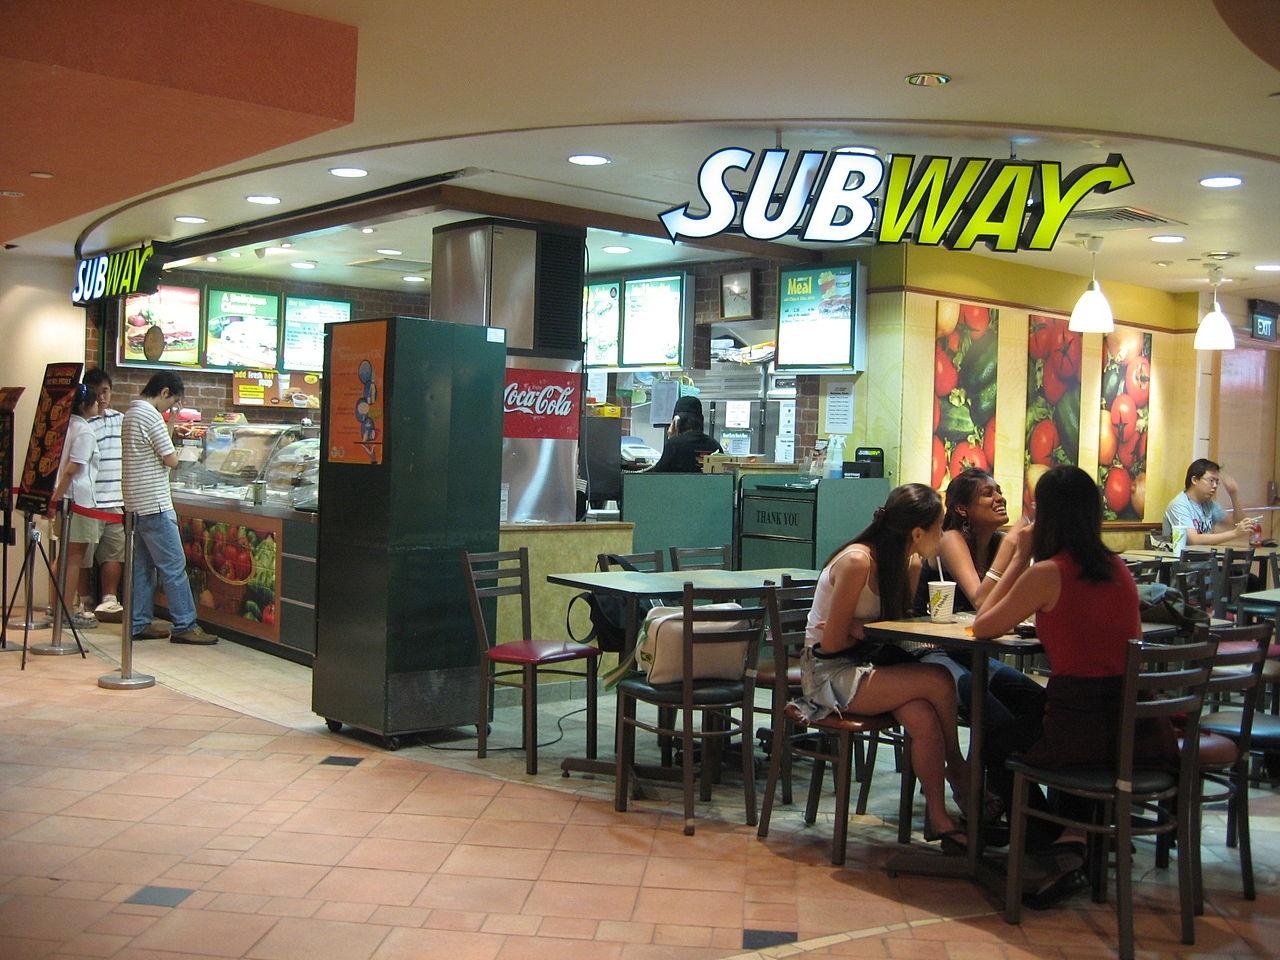 Subway chicken: eat 50% fresh